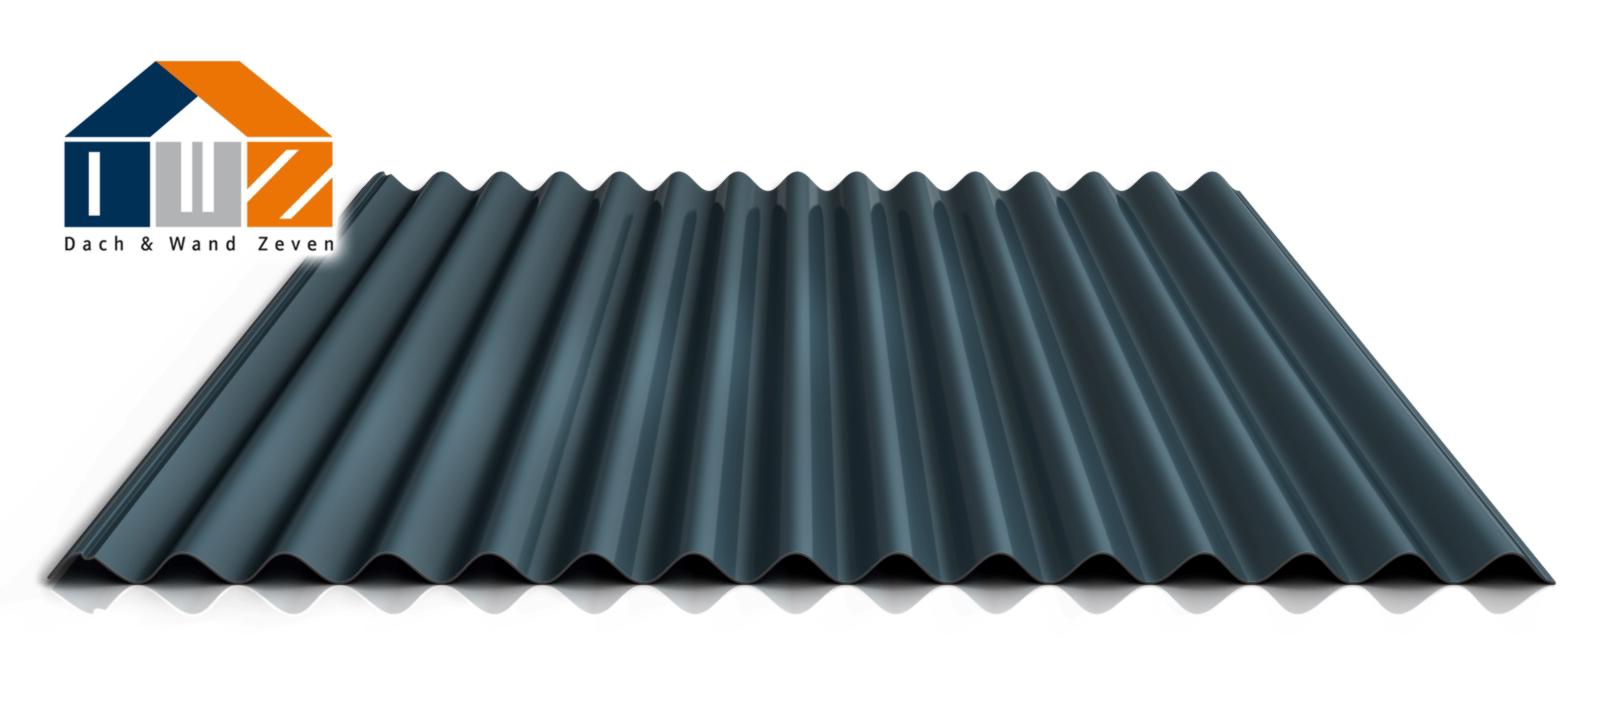 dach und wand zeven wellblech ps18 1064cr dach. Black Bedroom Furniture Sets. Home Design Ideas